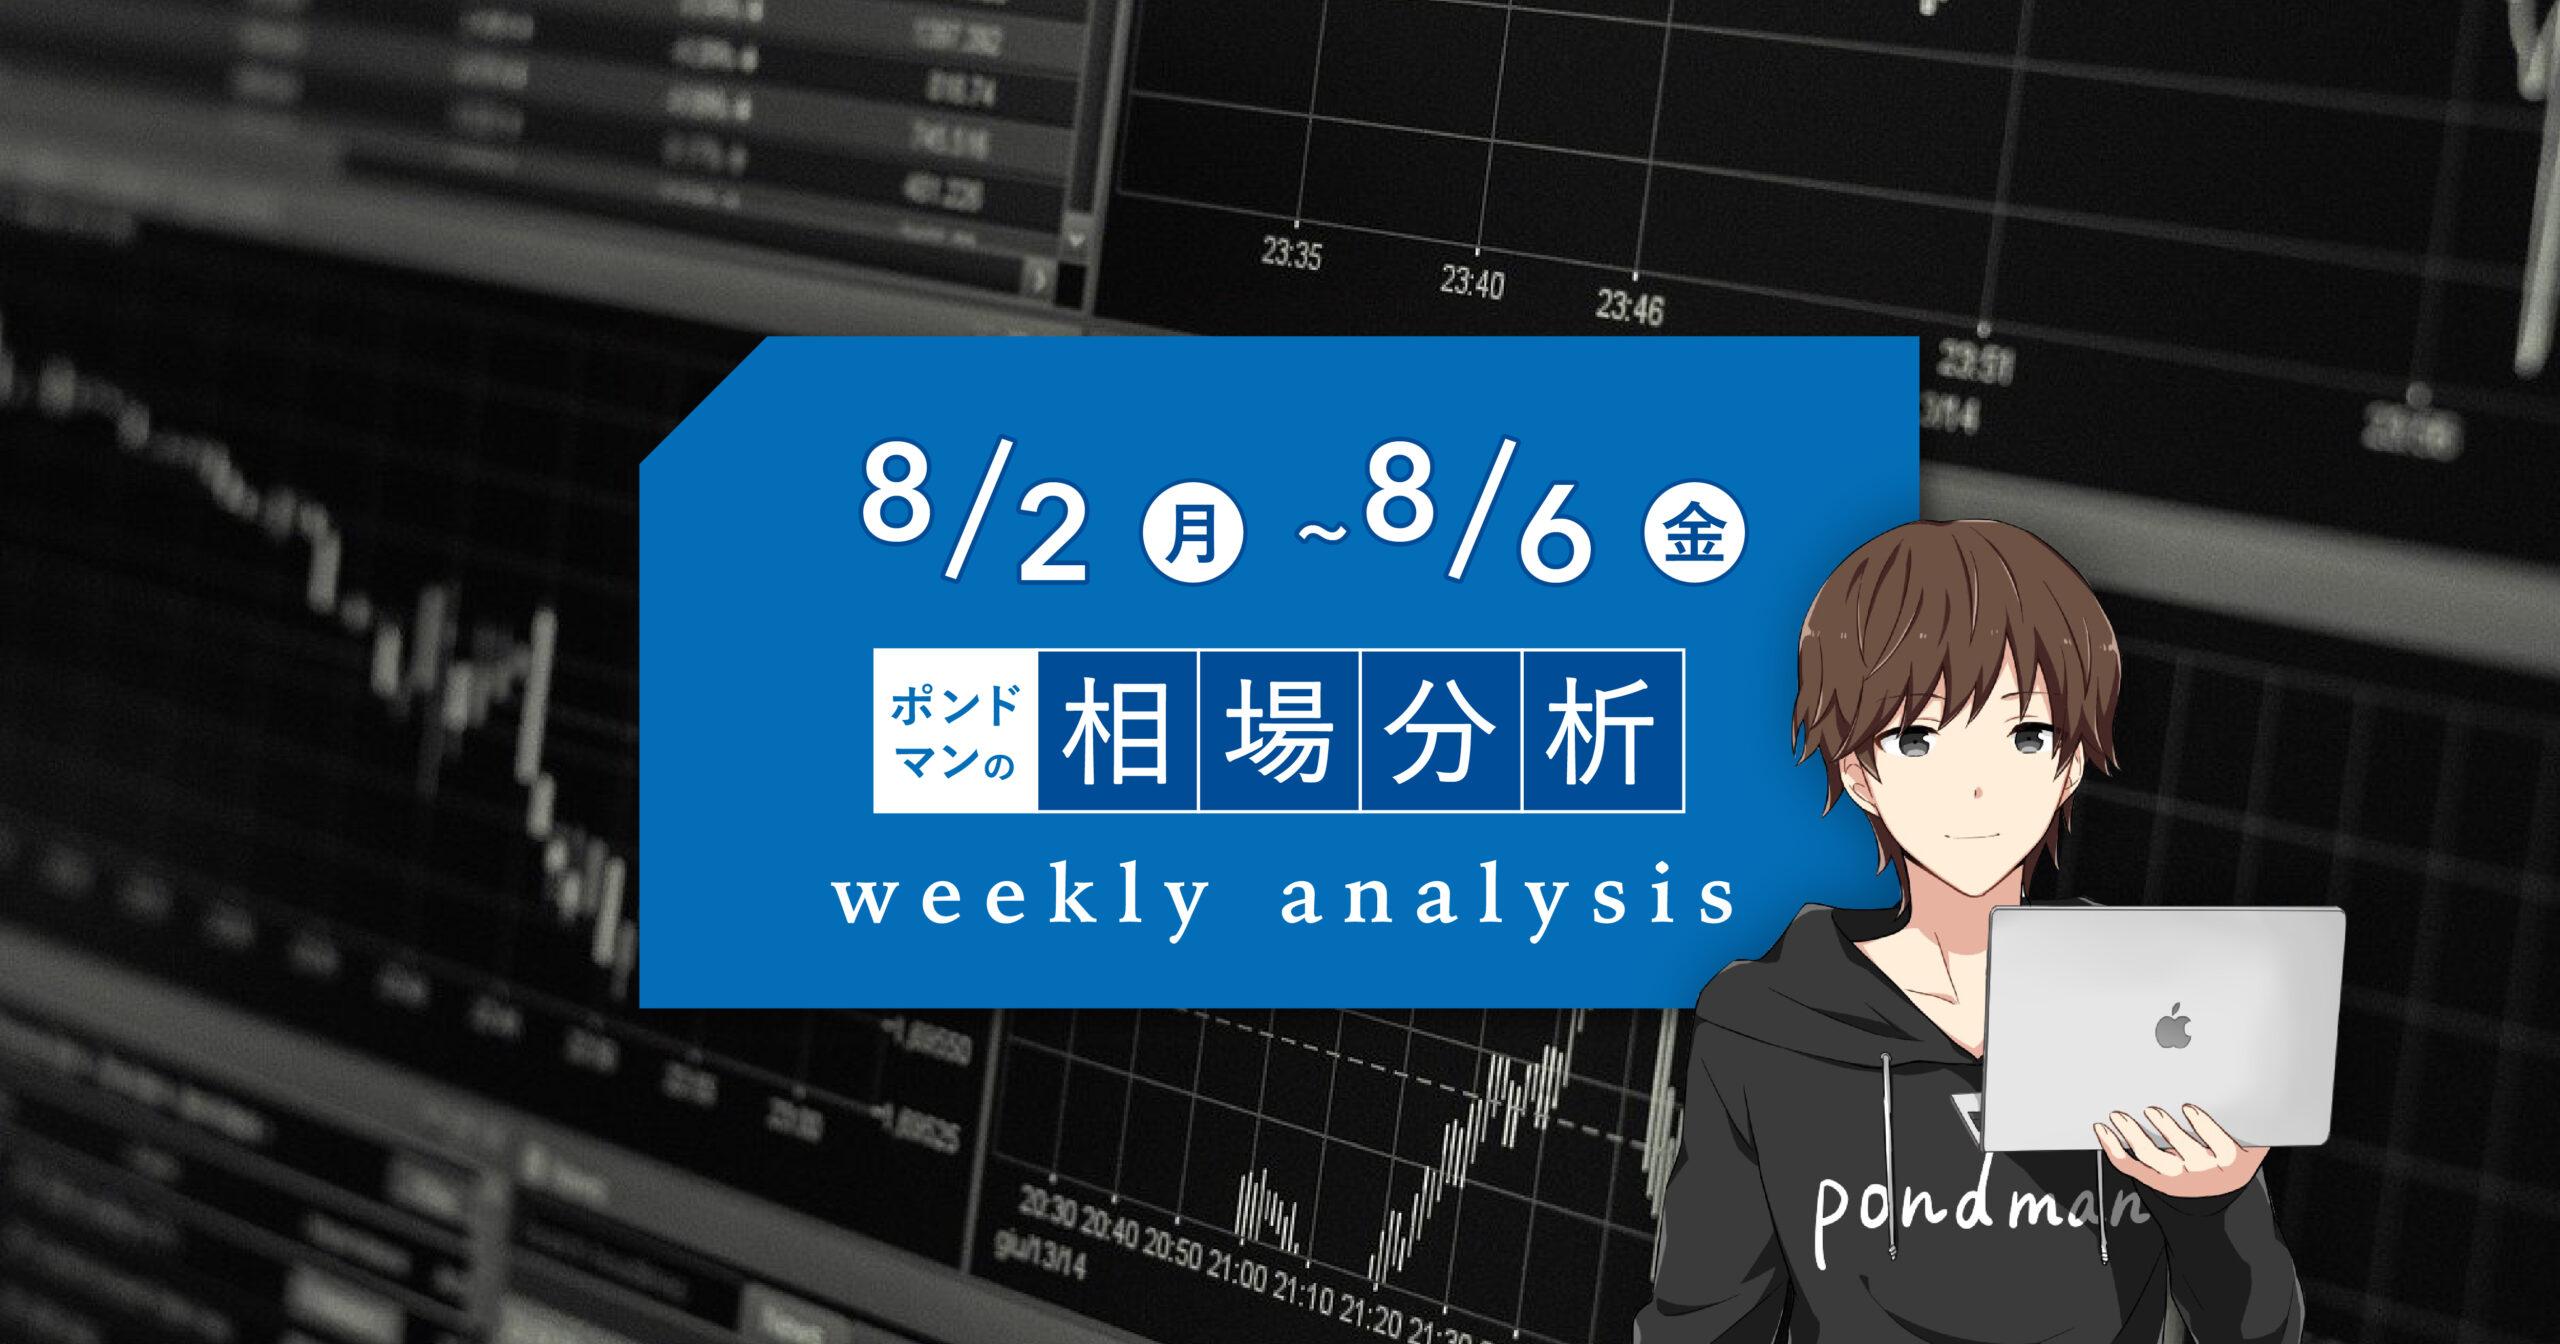 【8月2日~6日】ポンドマンの週間相場分析!雇用統計週で指標に要注意!